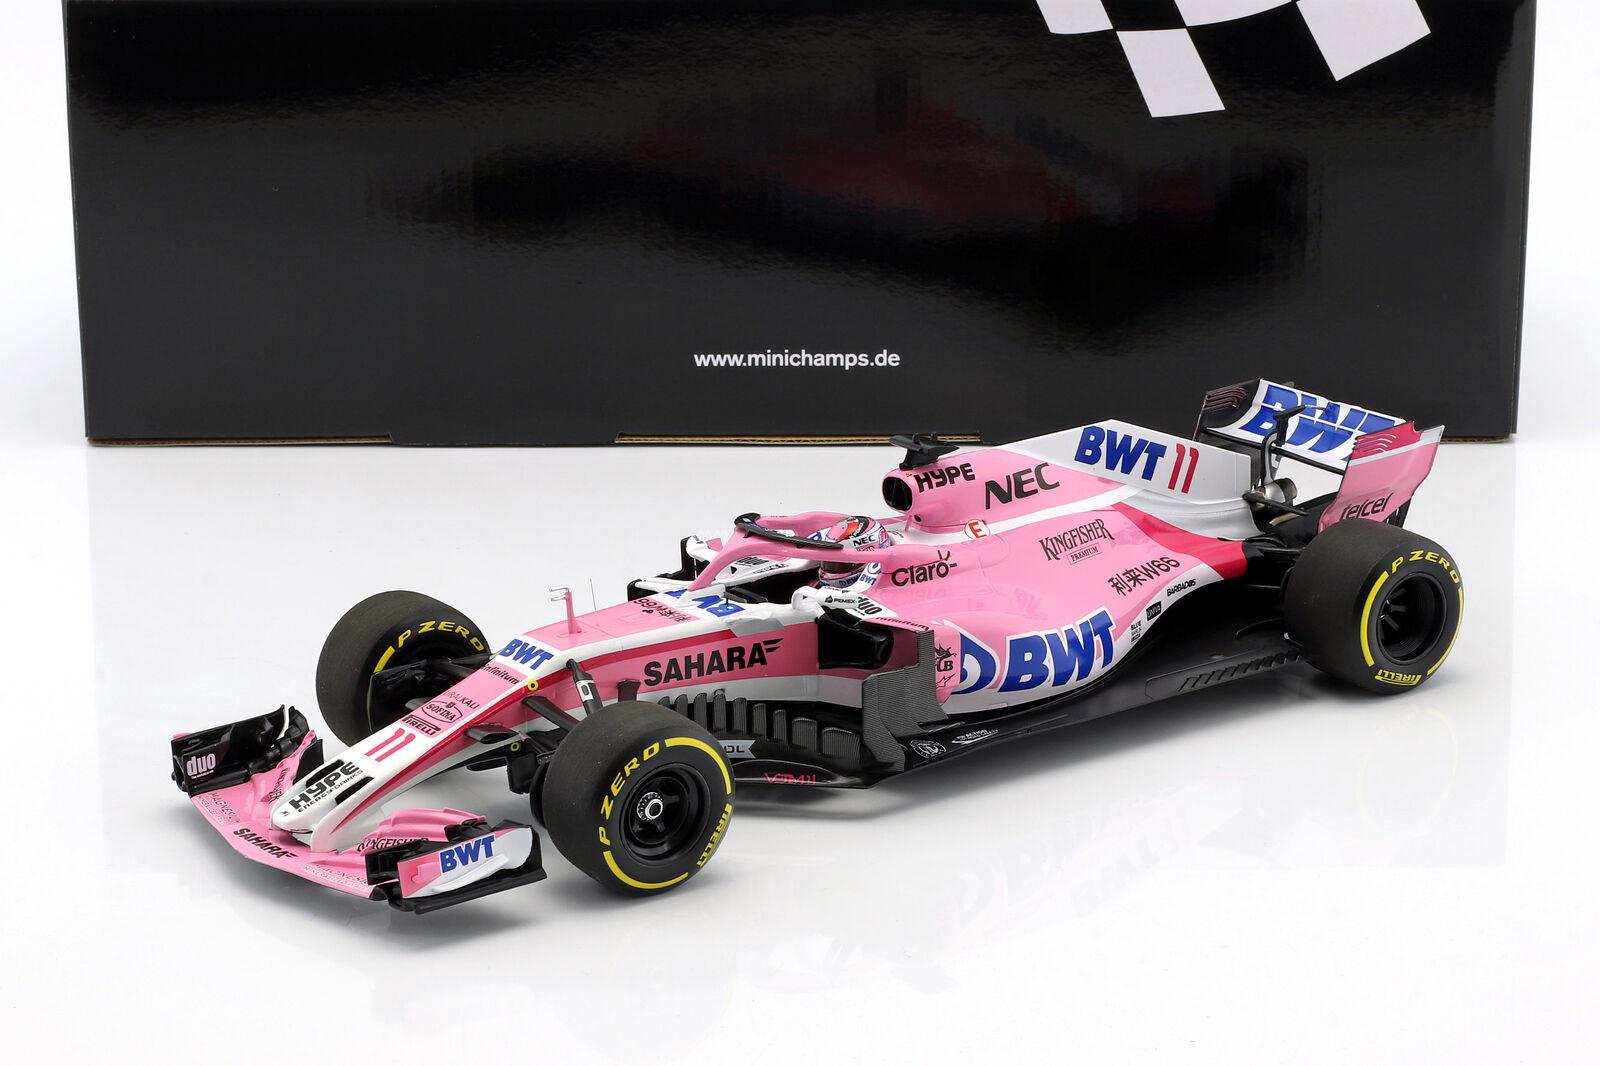 Minichamps ミニチャンプス 1/18 ミニカー ダイキャストモデル 2018年シーズン フォースインディア VJM11 F1 Force India VJM11 formula 1 2018 1:18 Minichamps